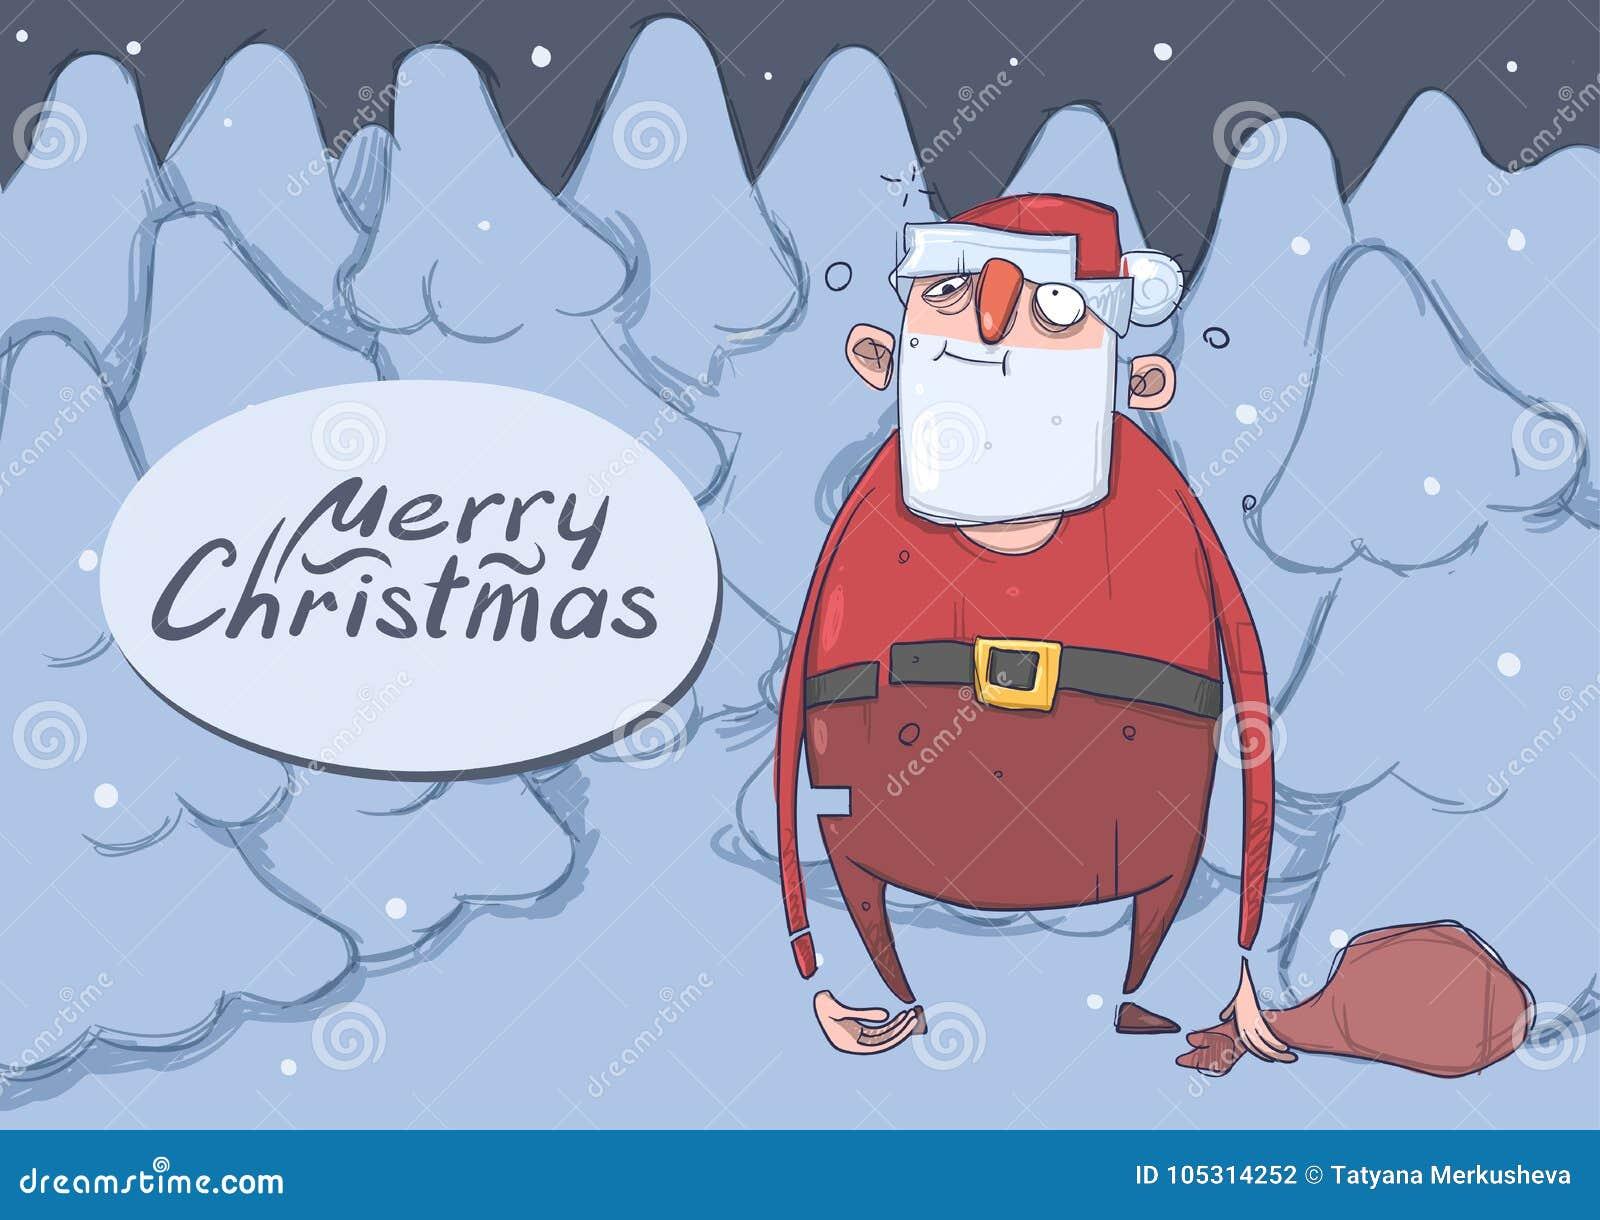 Kartka bożonarodzeniowa śmieszny pijący Święty Mikołaj z torbą w nocy śnieżny świerkowy las Marnotrawiący Święty Mikołaj dostać p